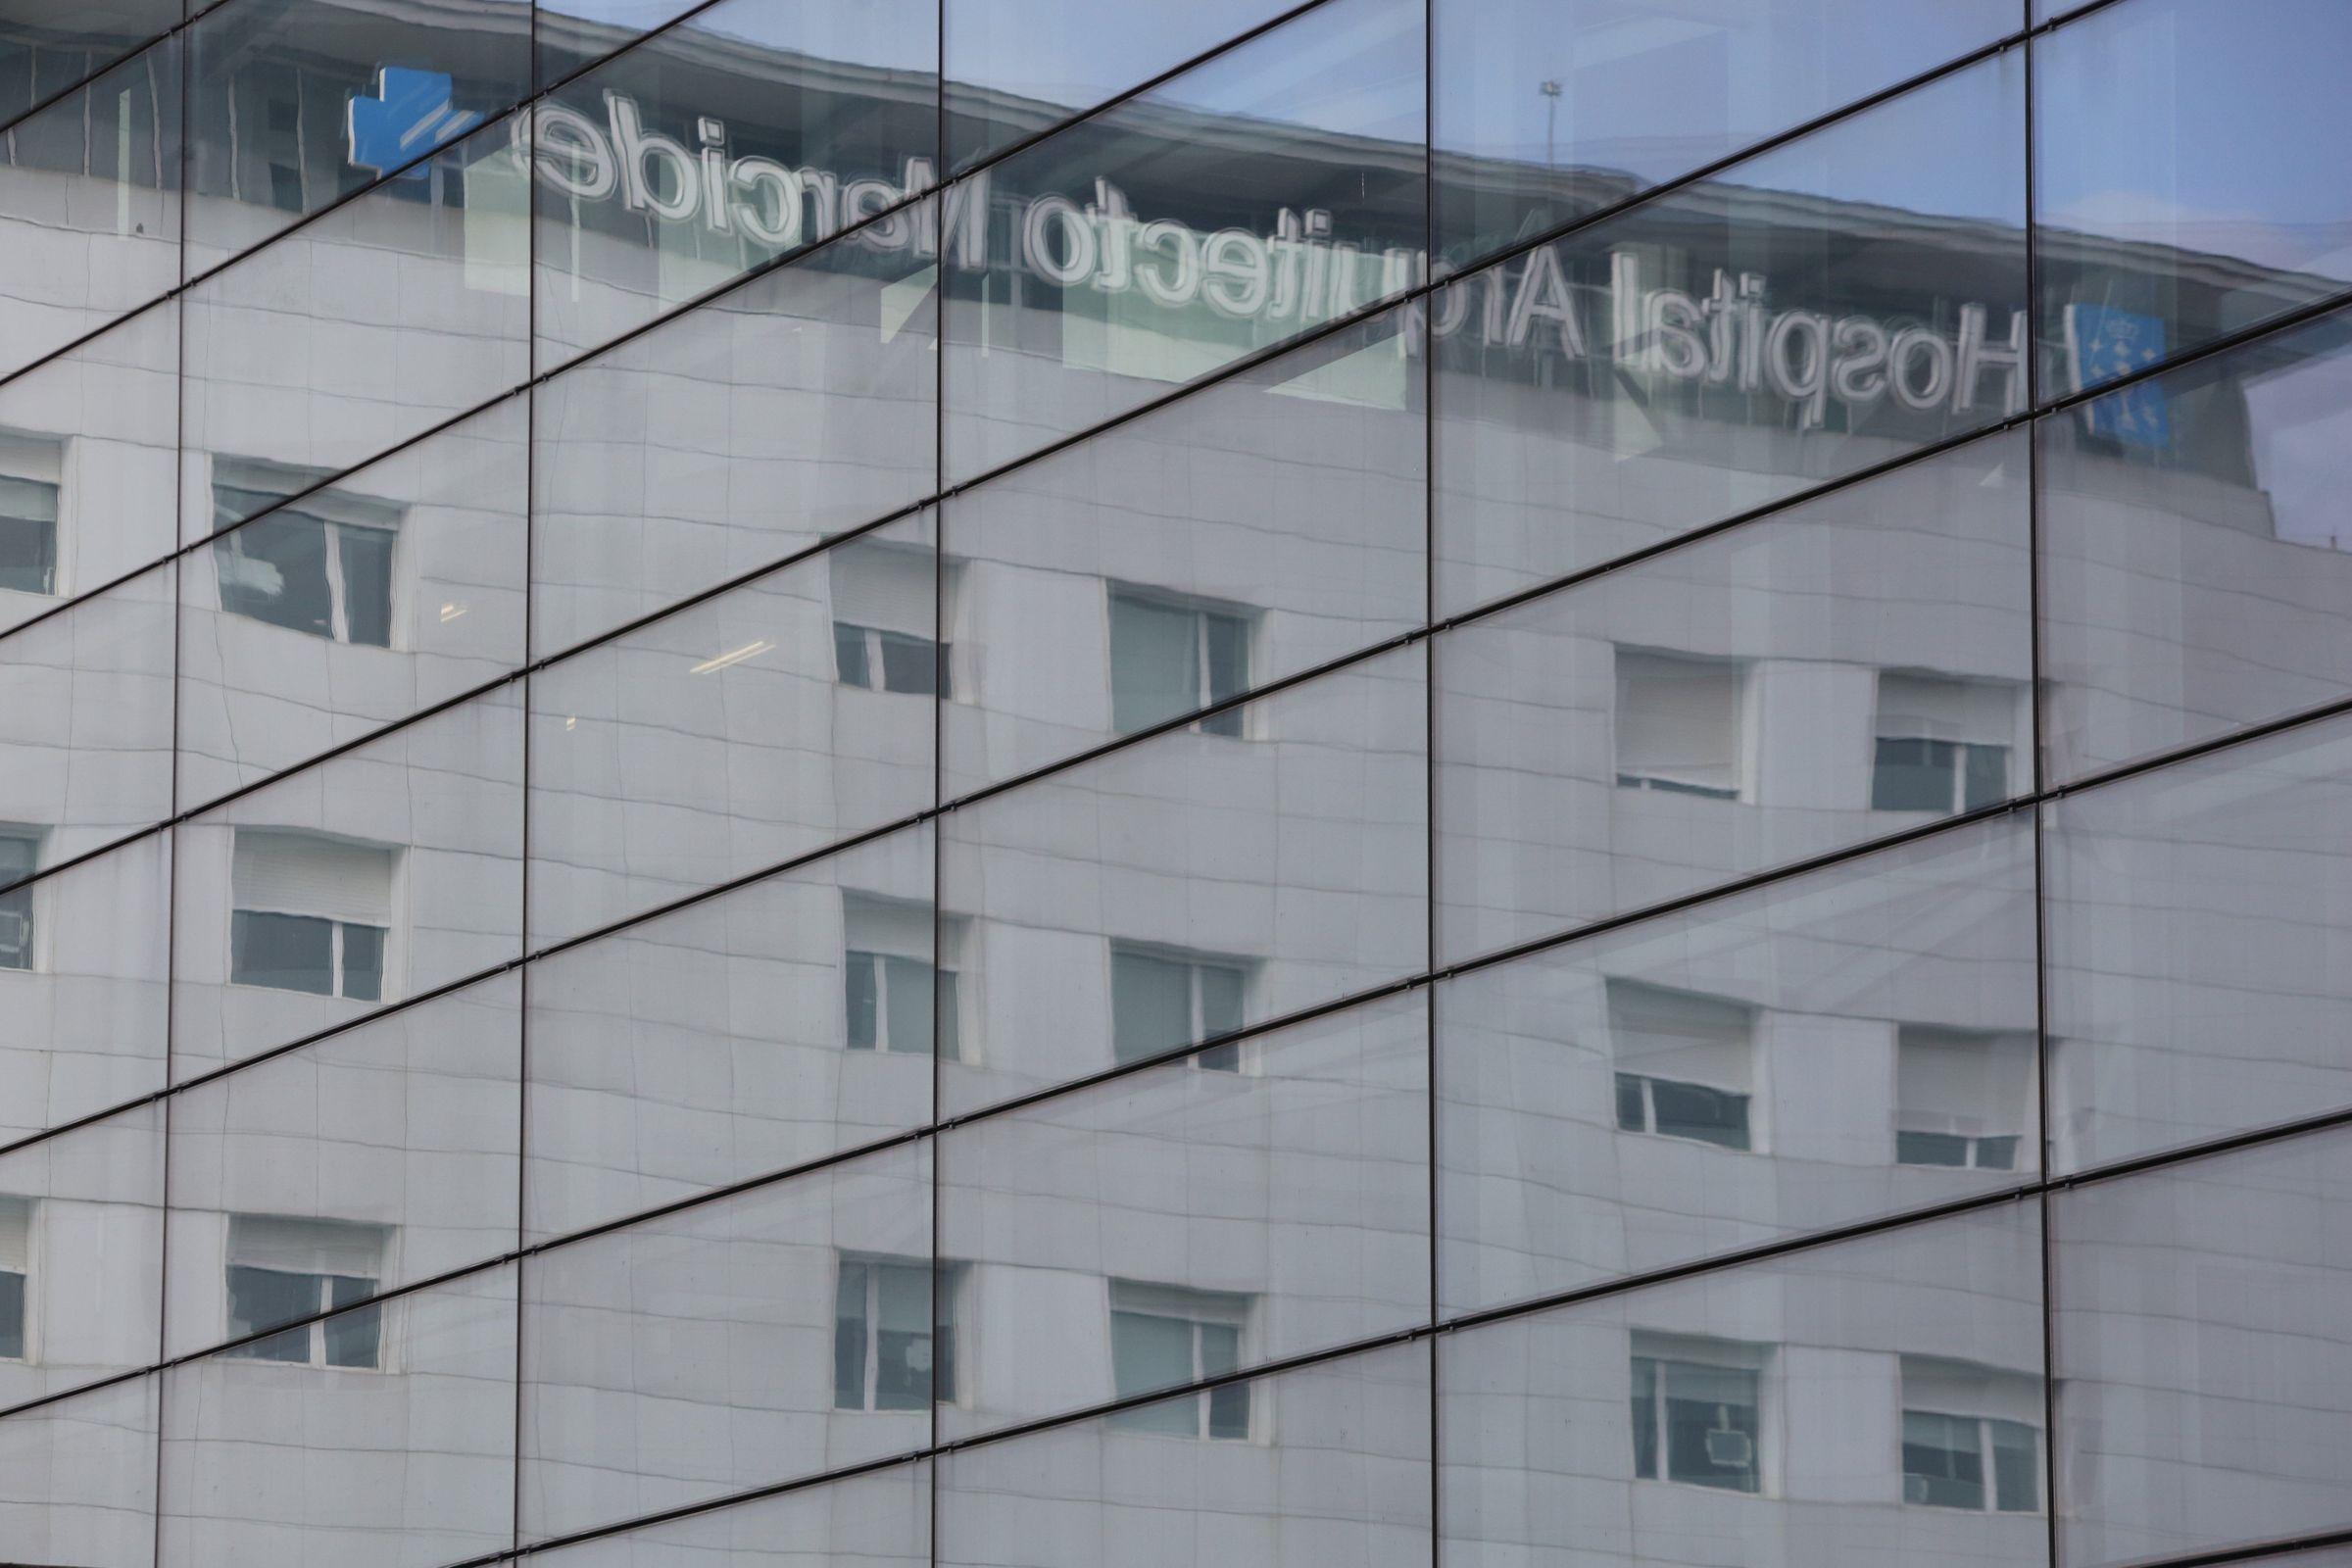 Vista exterior de varias plantas del hospital Arquitecto Marcide